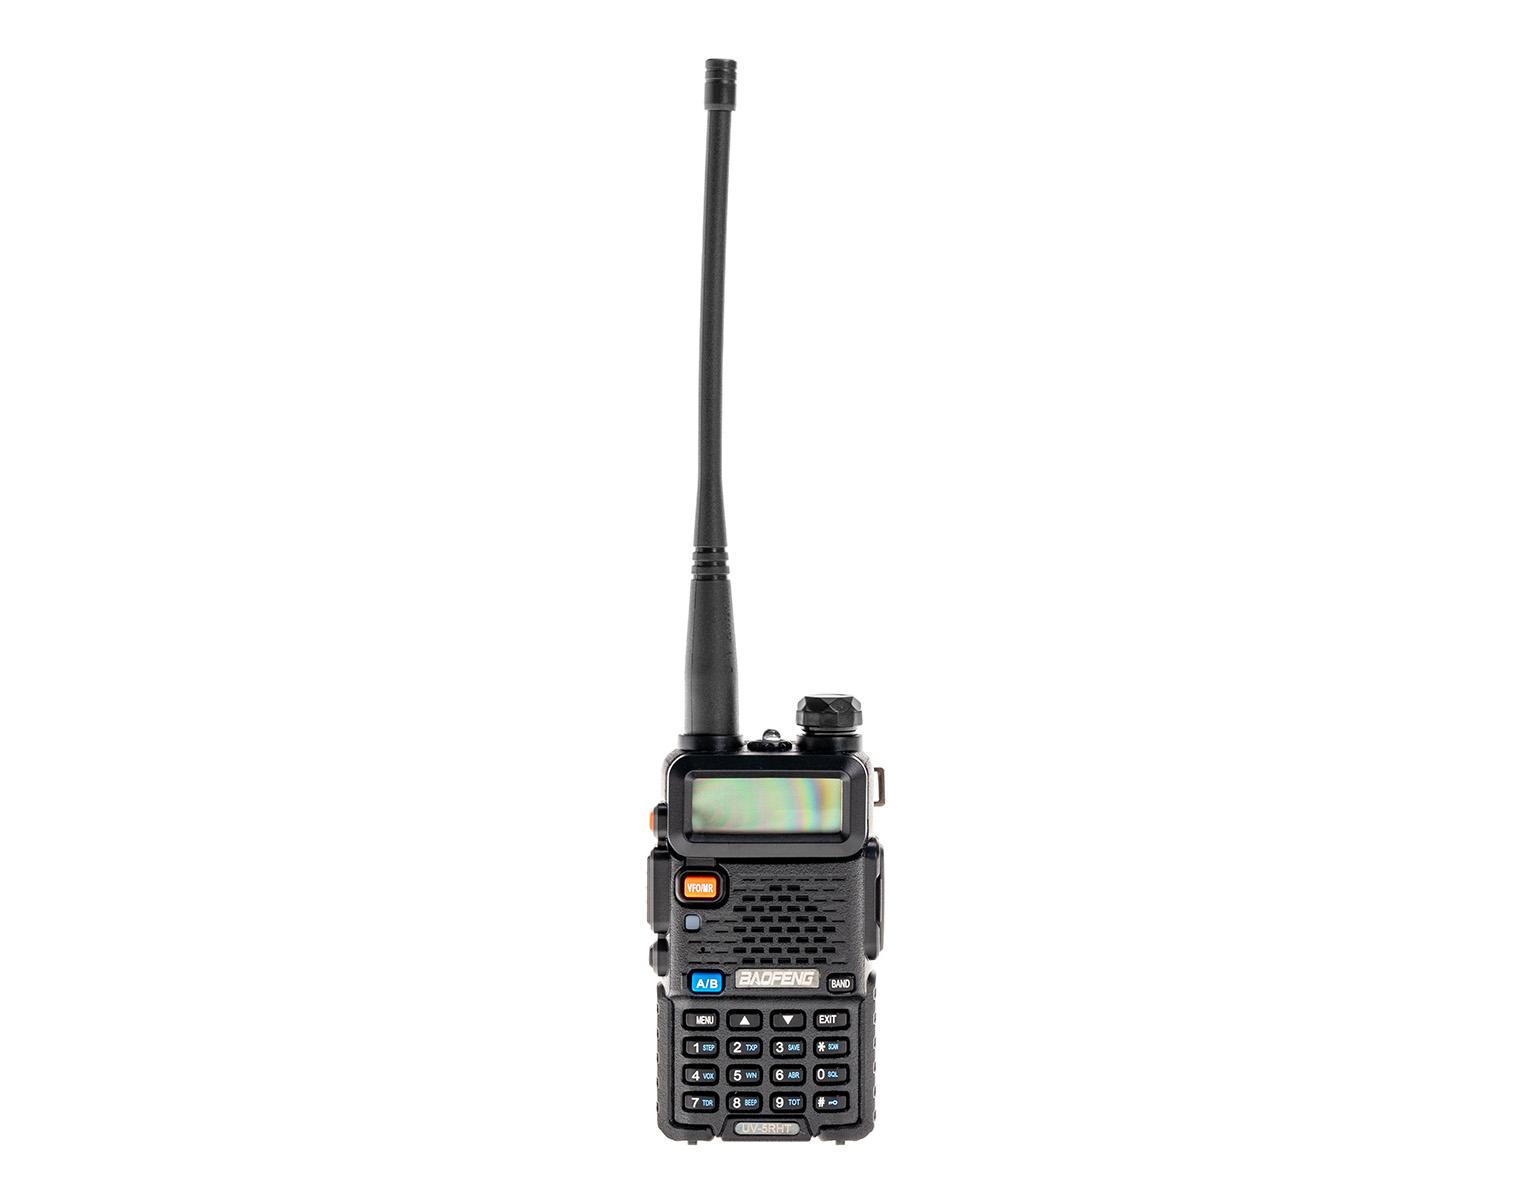 Radiotelefon, urbex